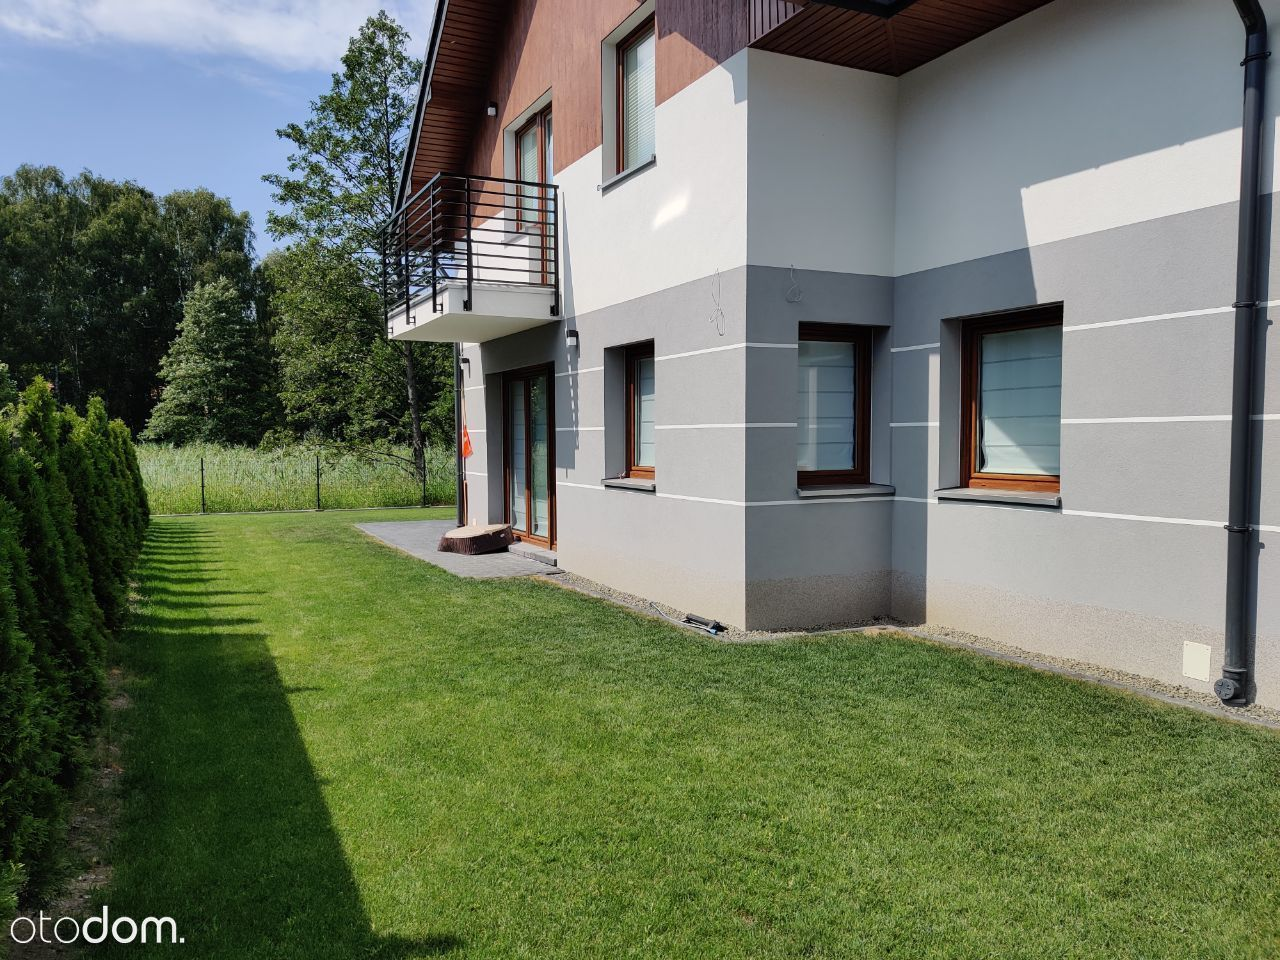 Dom wolnostojący z garażem i działką w Krakowie